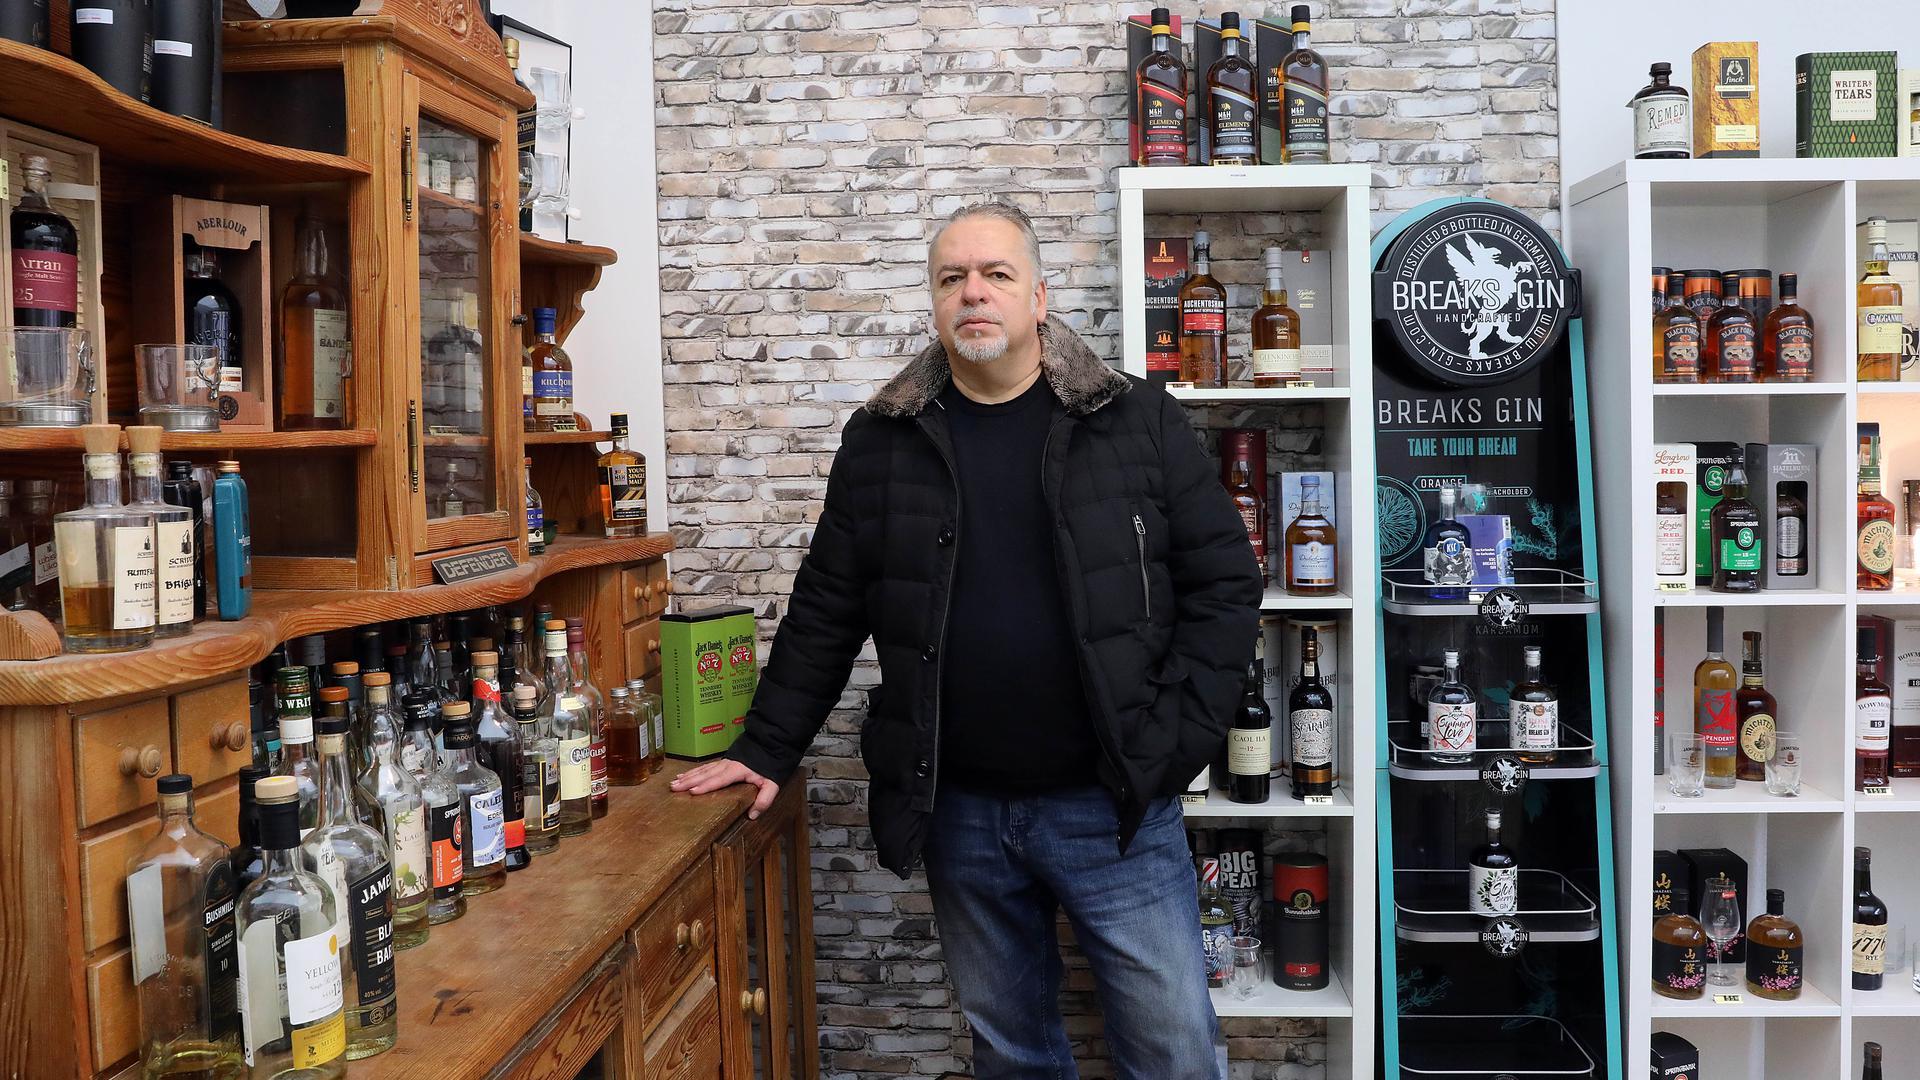 Mann steht vor Regal mit Wiskey-Flaschen